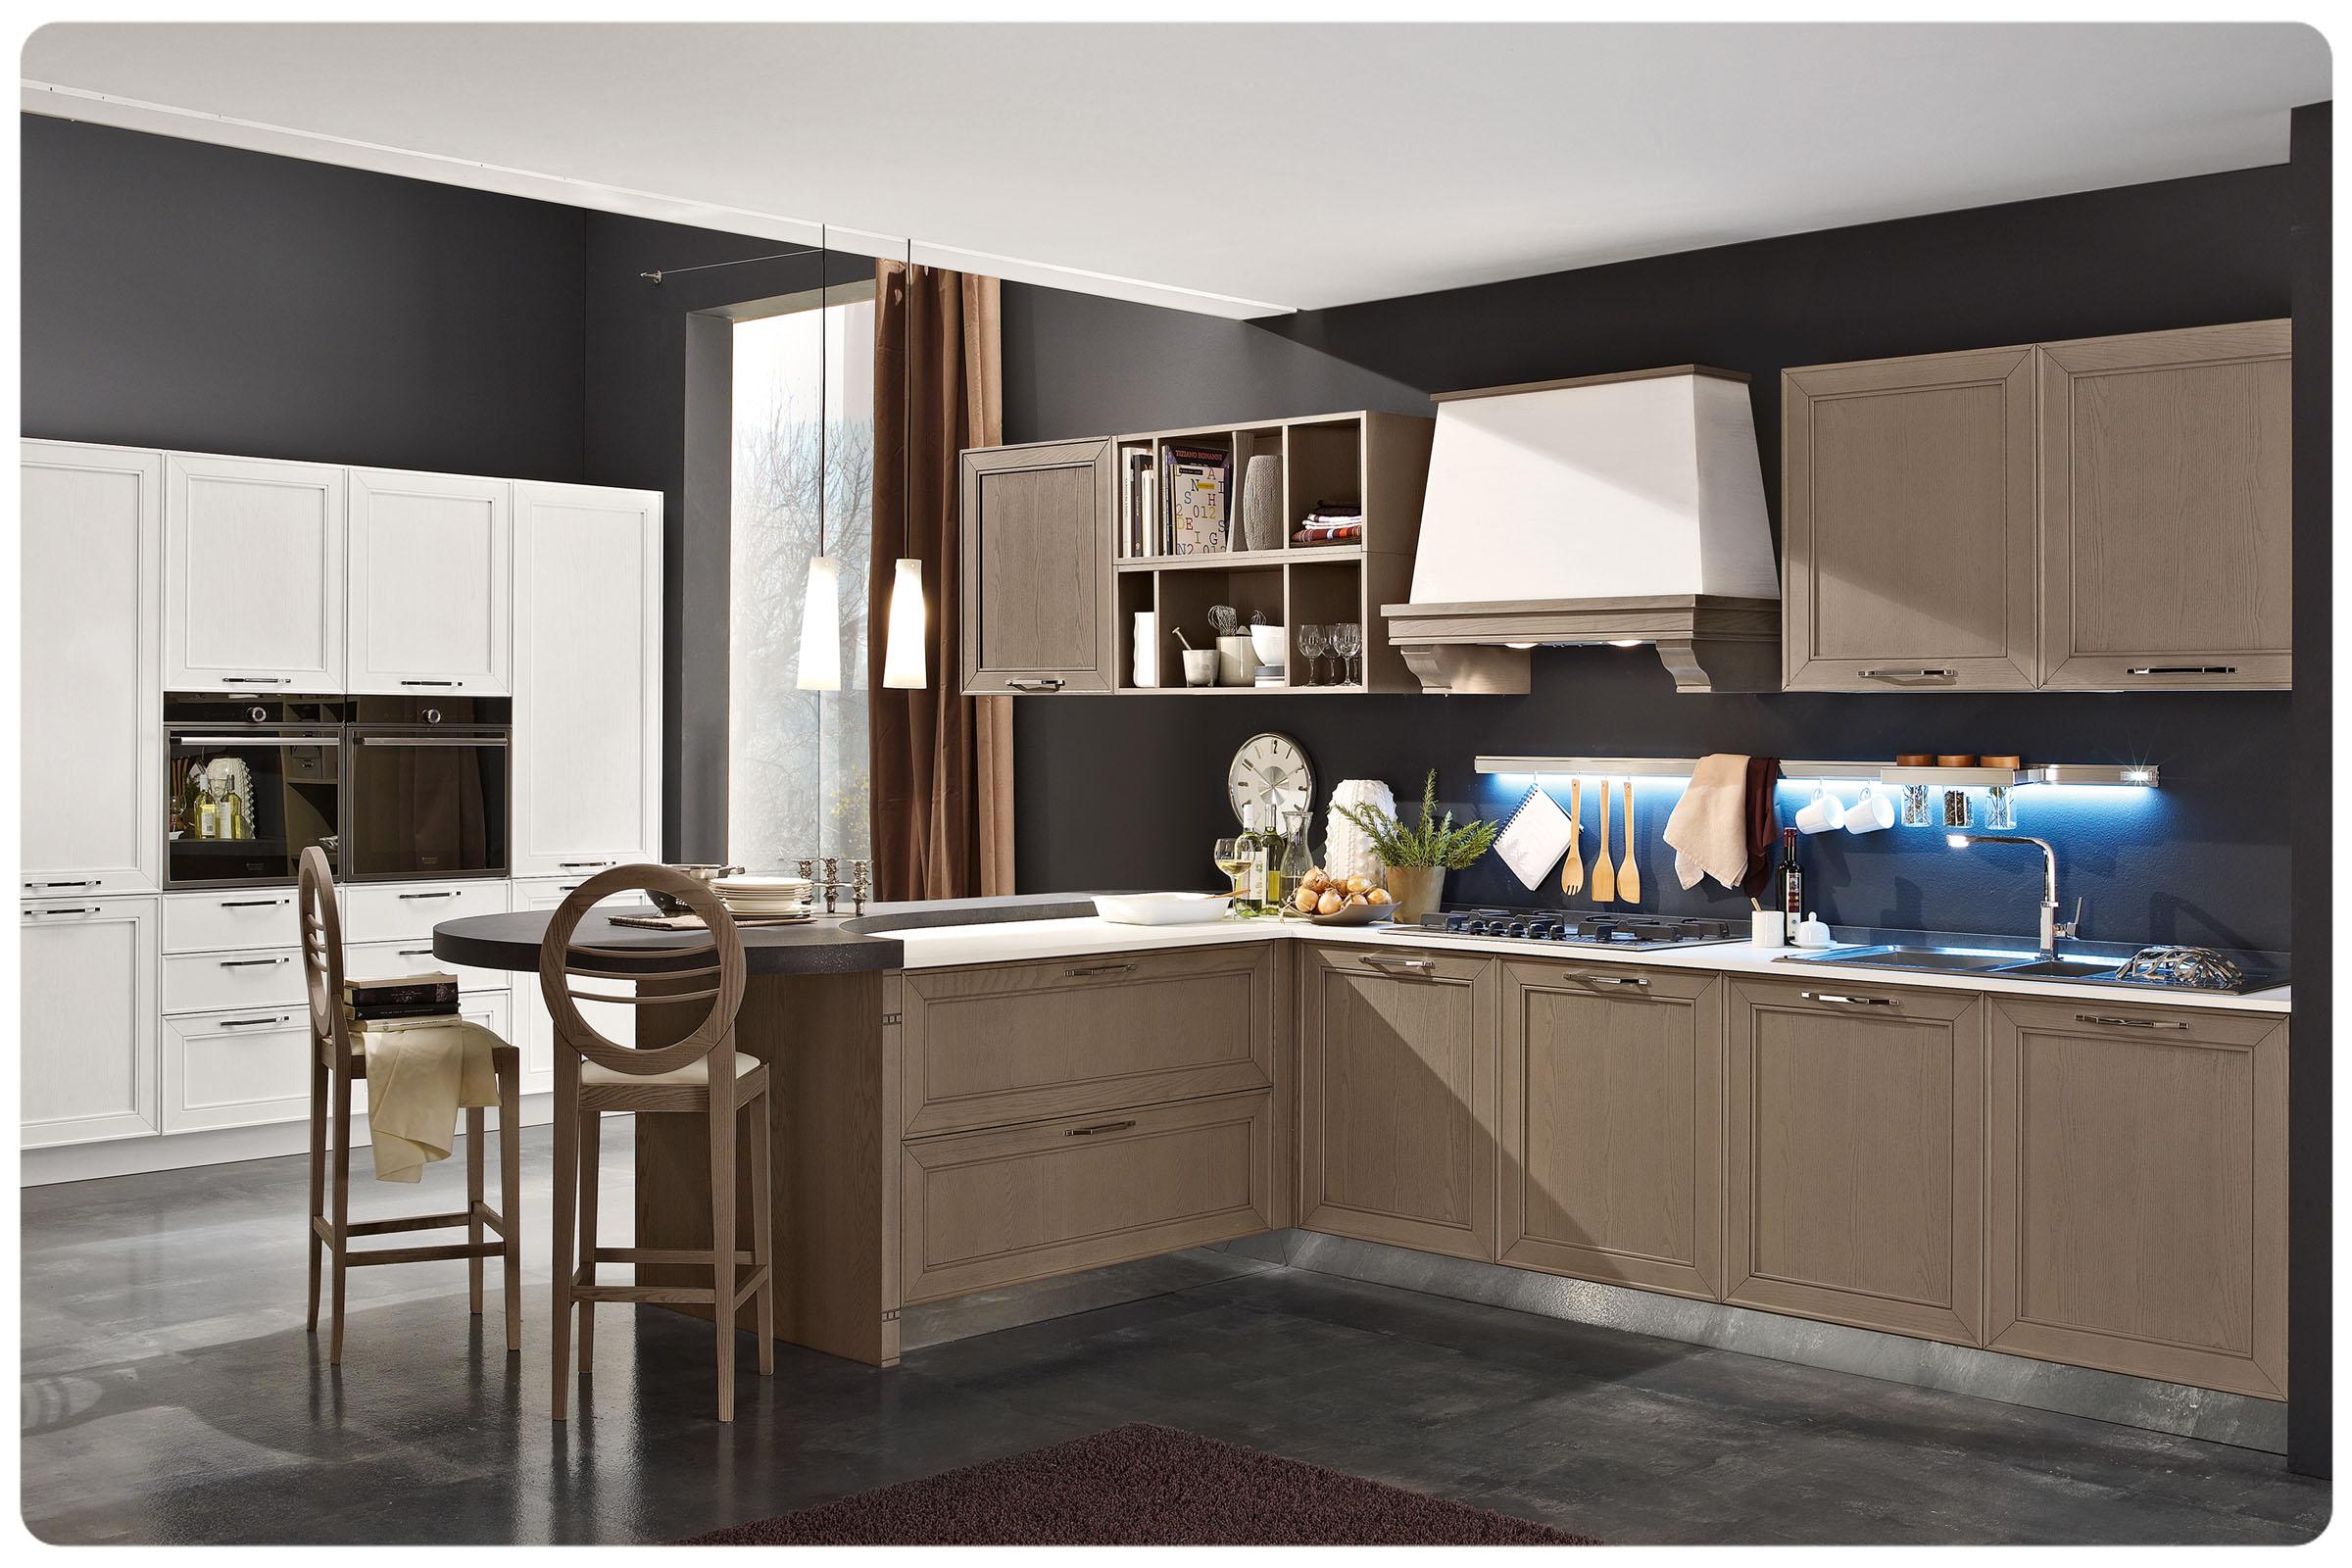 Cucine moderne componibili stosa maxim acquistabile in - Cucine stosa milano ...